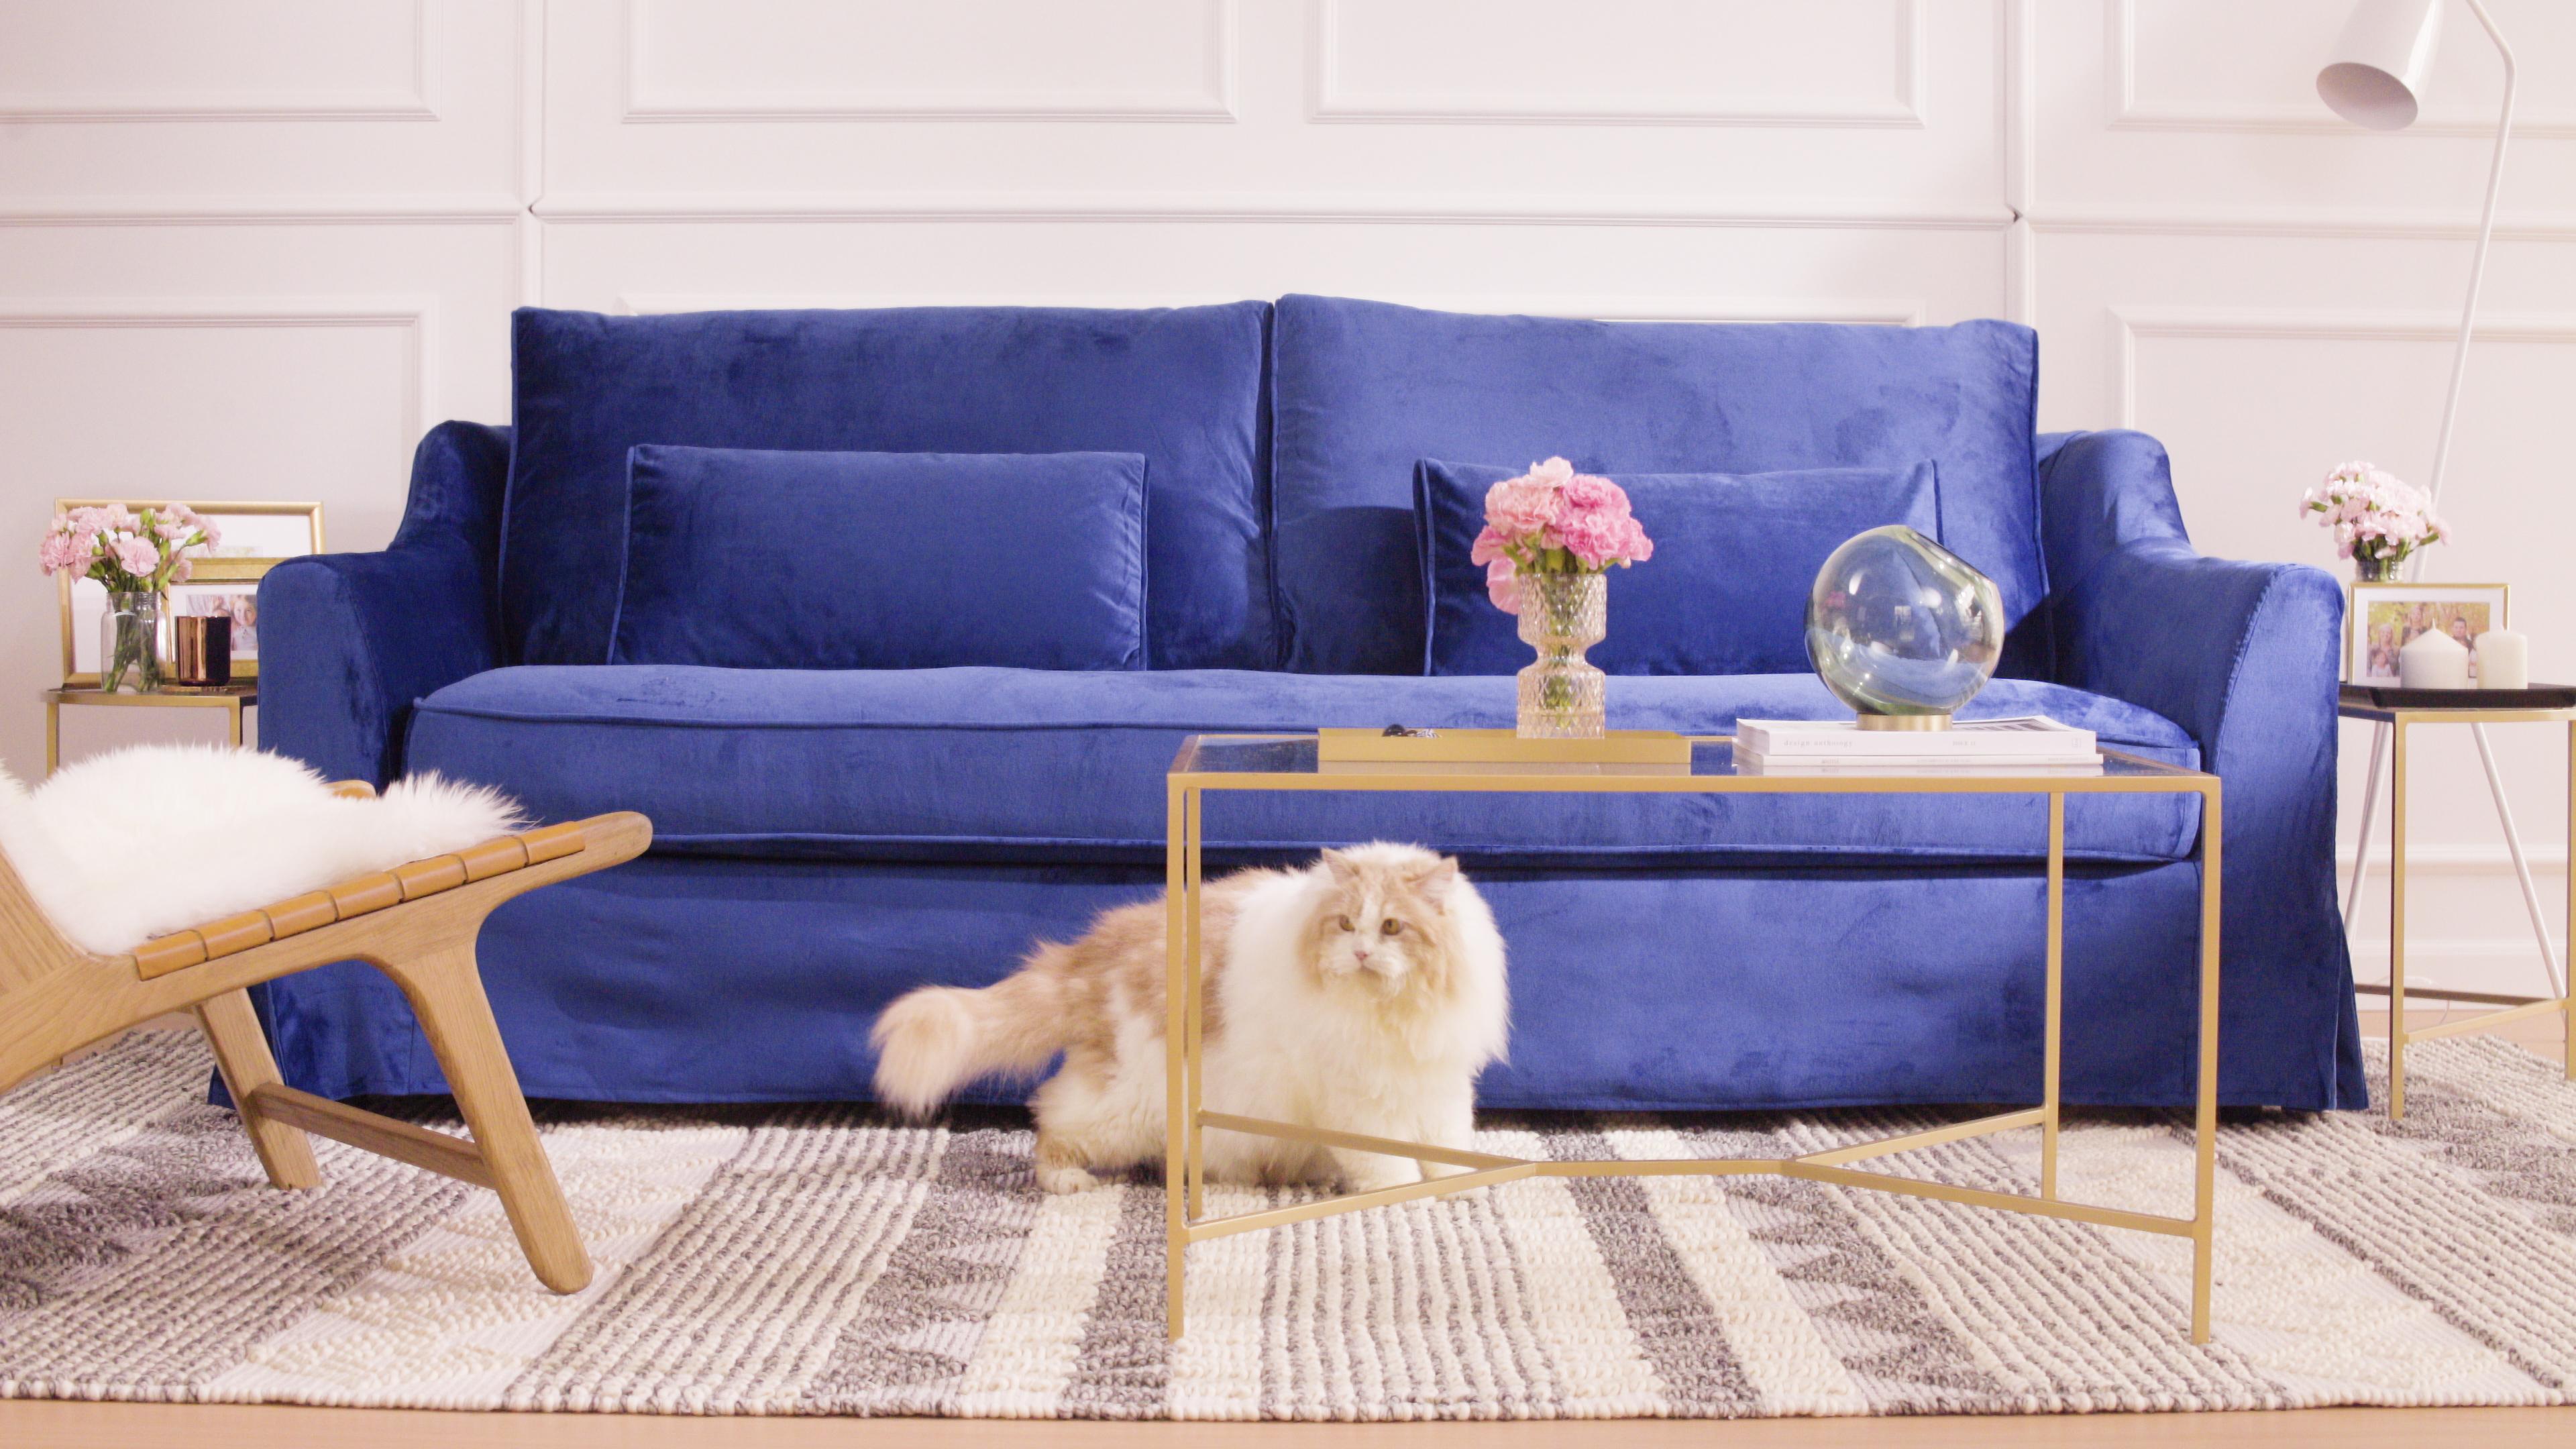 fat cat avoiding sofa with blue velvet slipcover